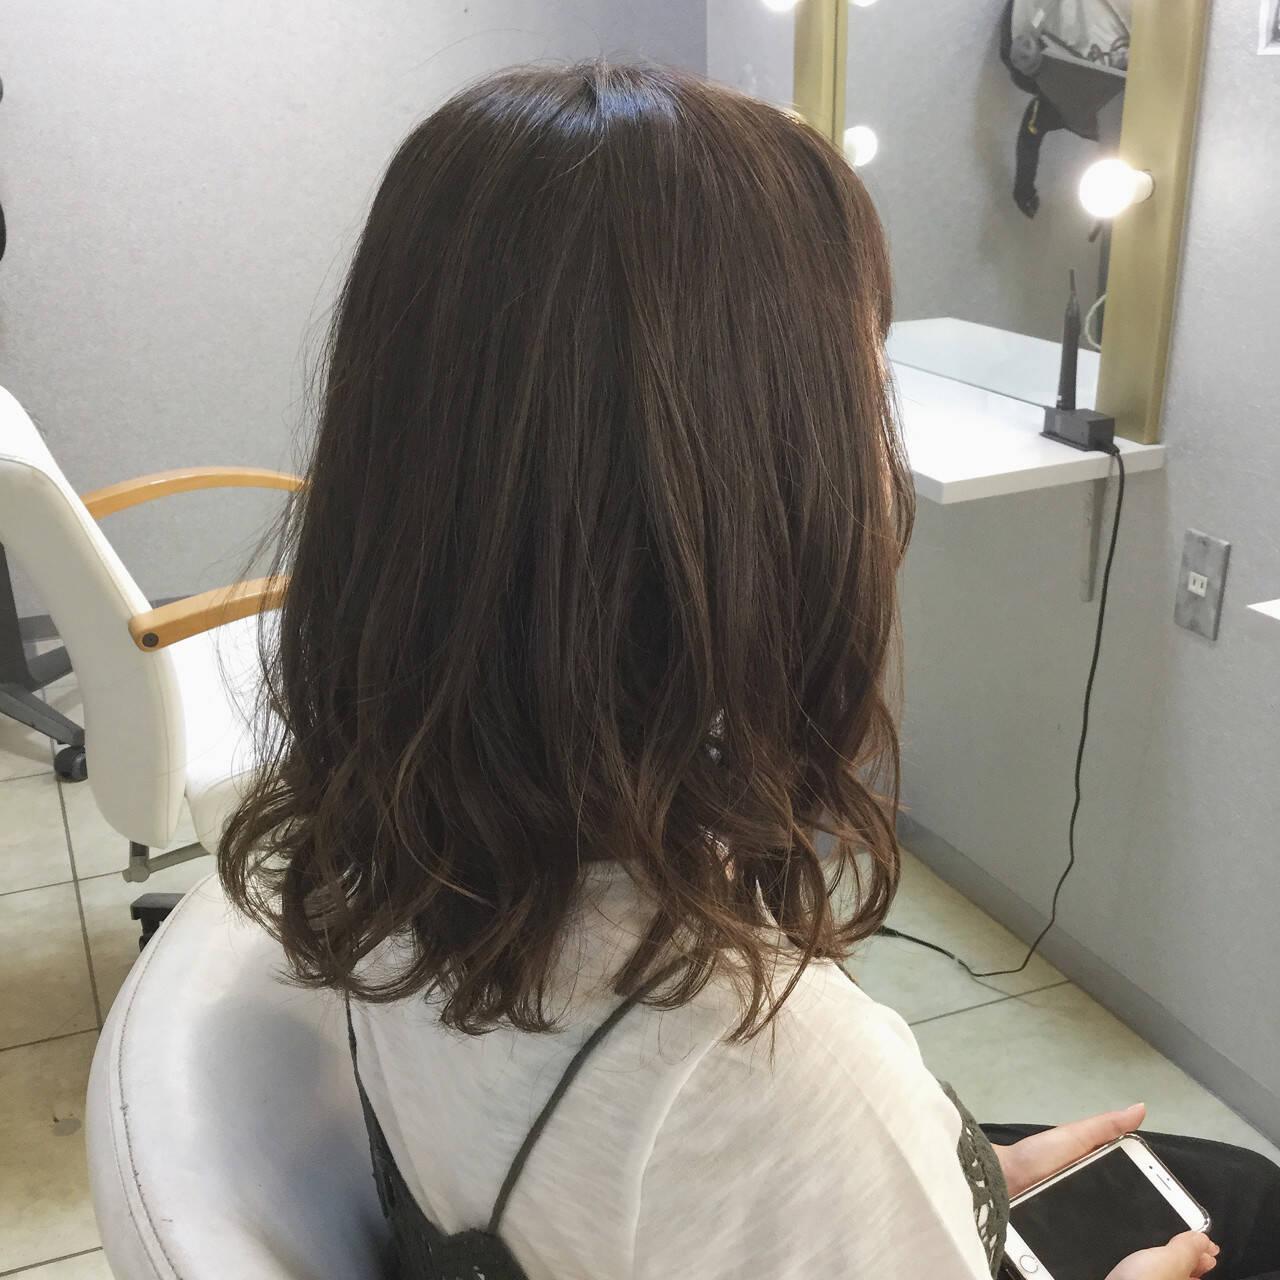 アンニュイ ハイライト アッシュ ウェーブヘアスタイルや髪型の写真・画像